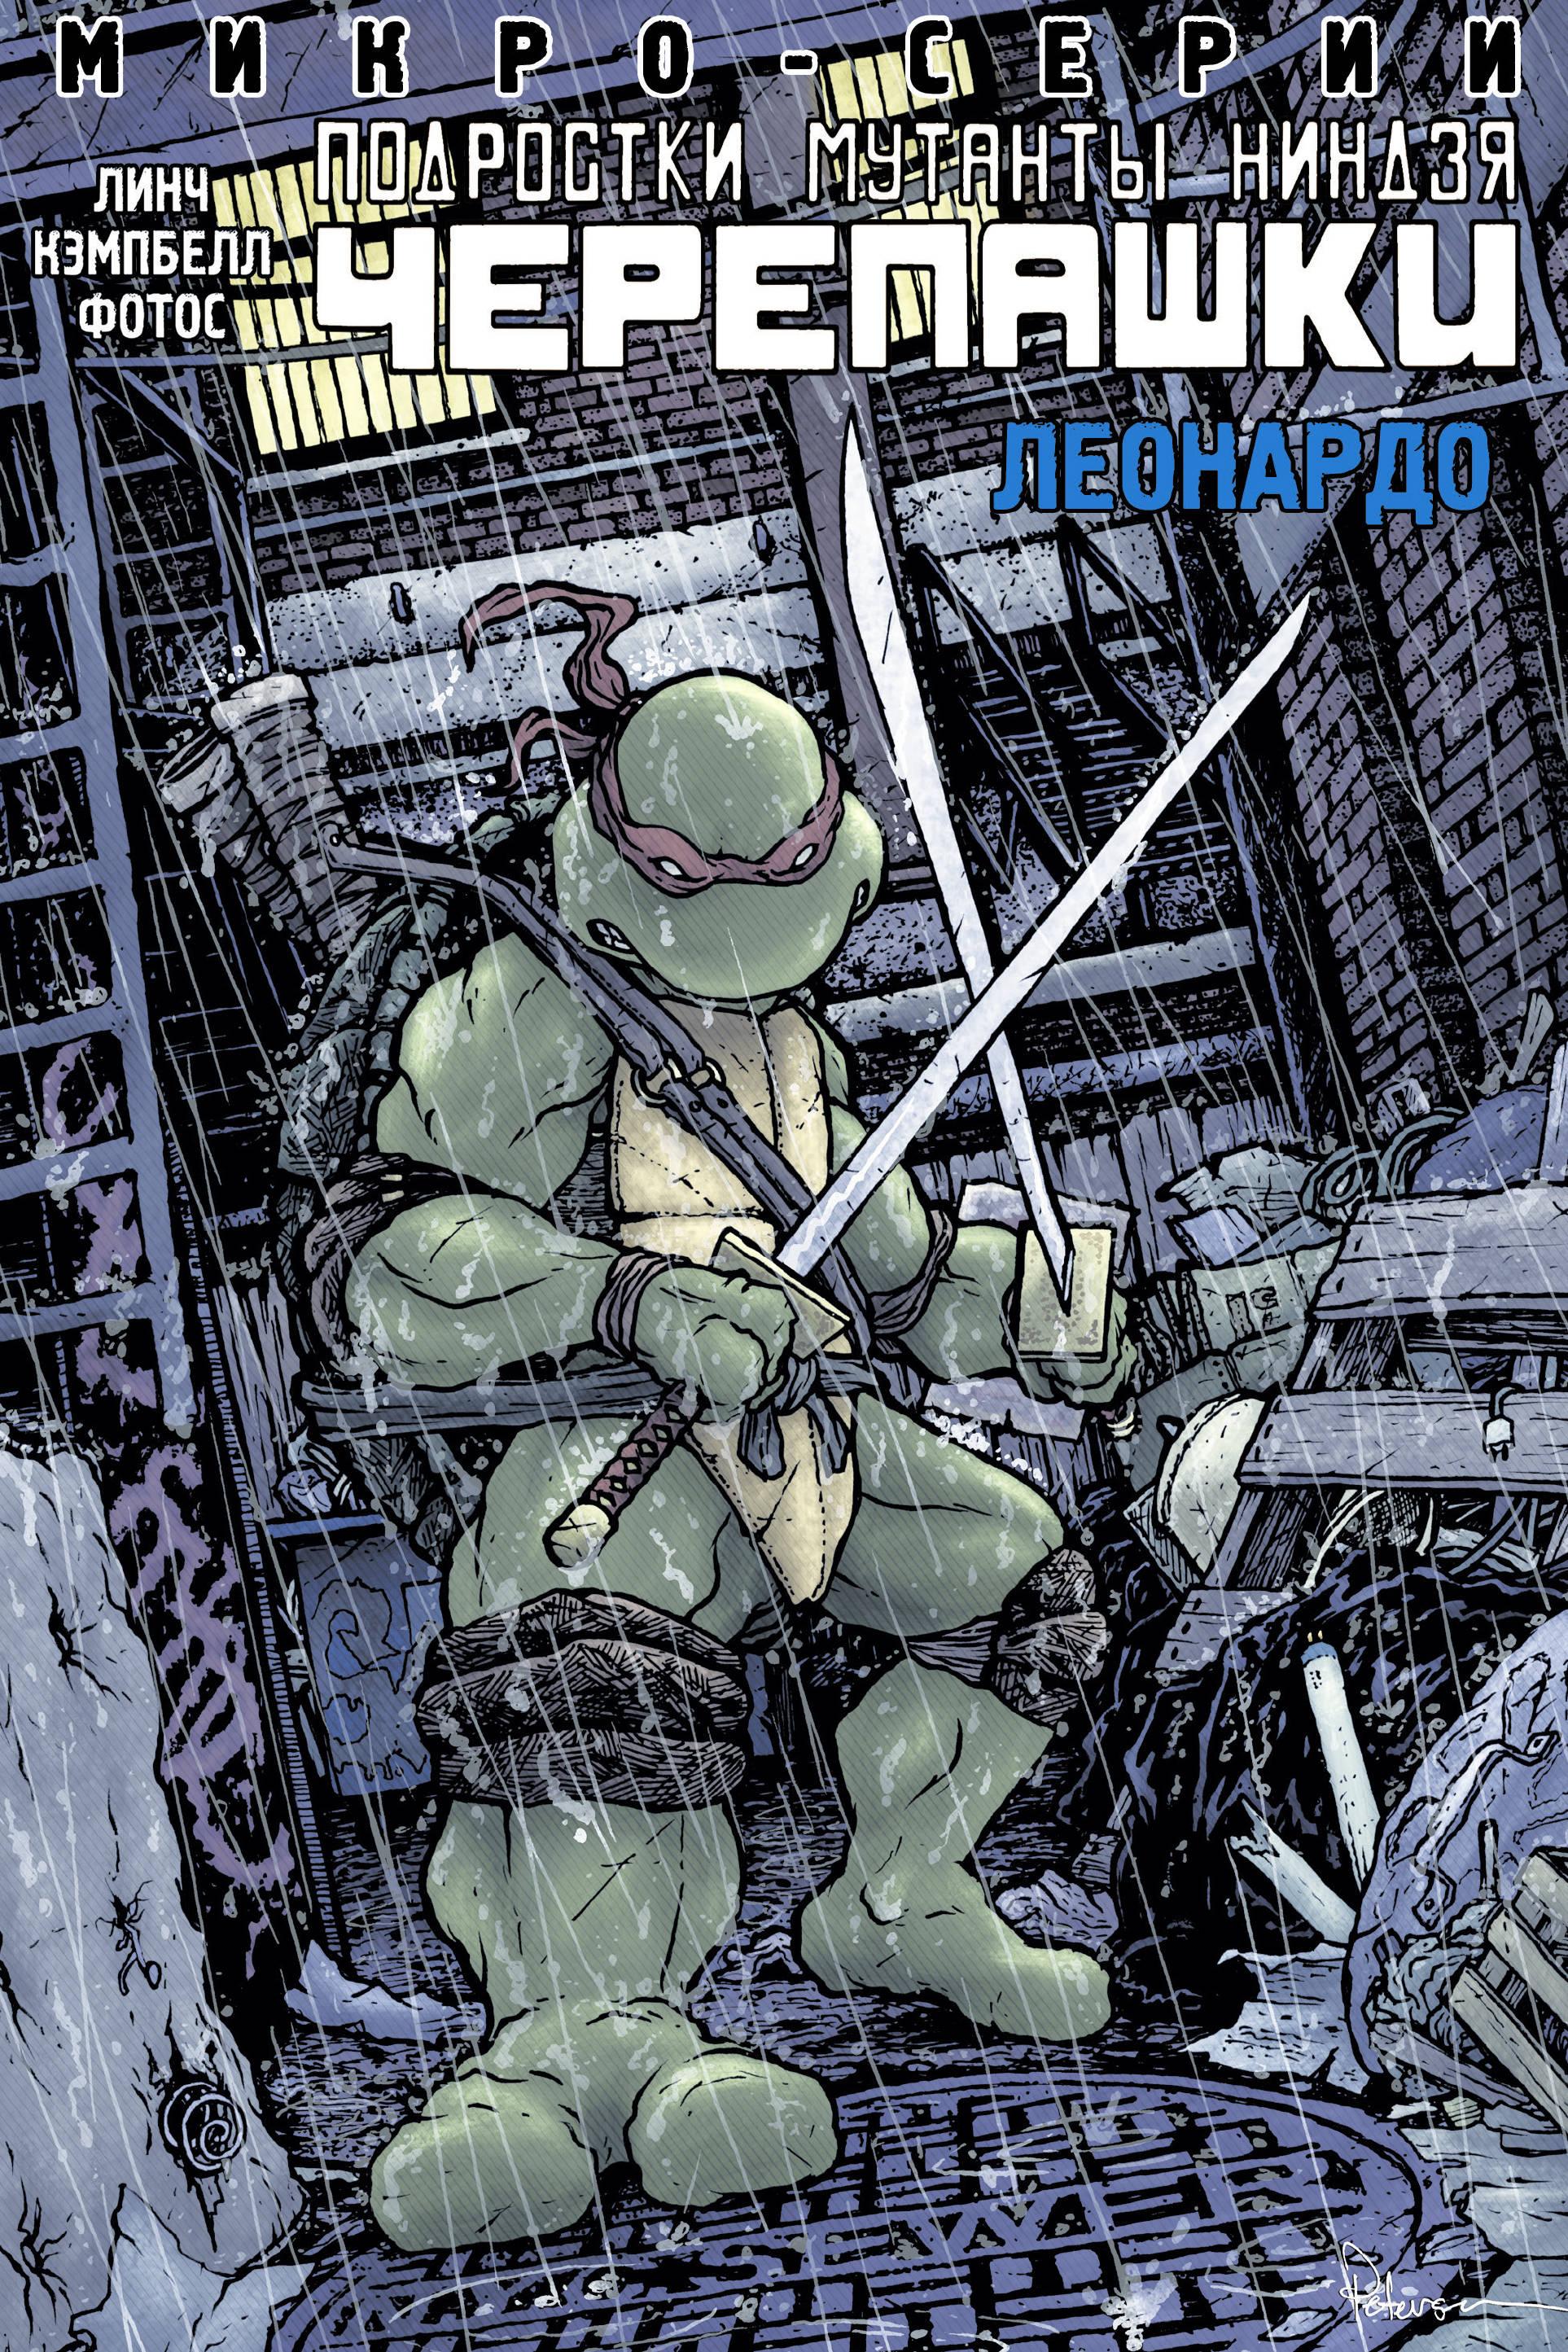 Podrostki Mutanty Nindzja Cherepashki, mikro-serii, Leonardo